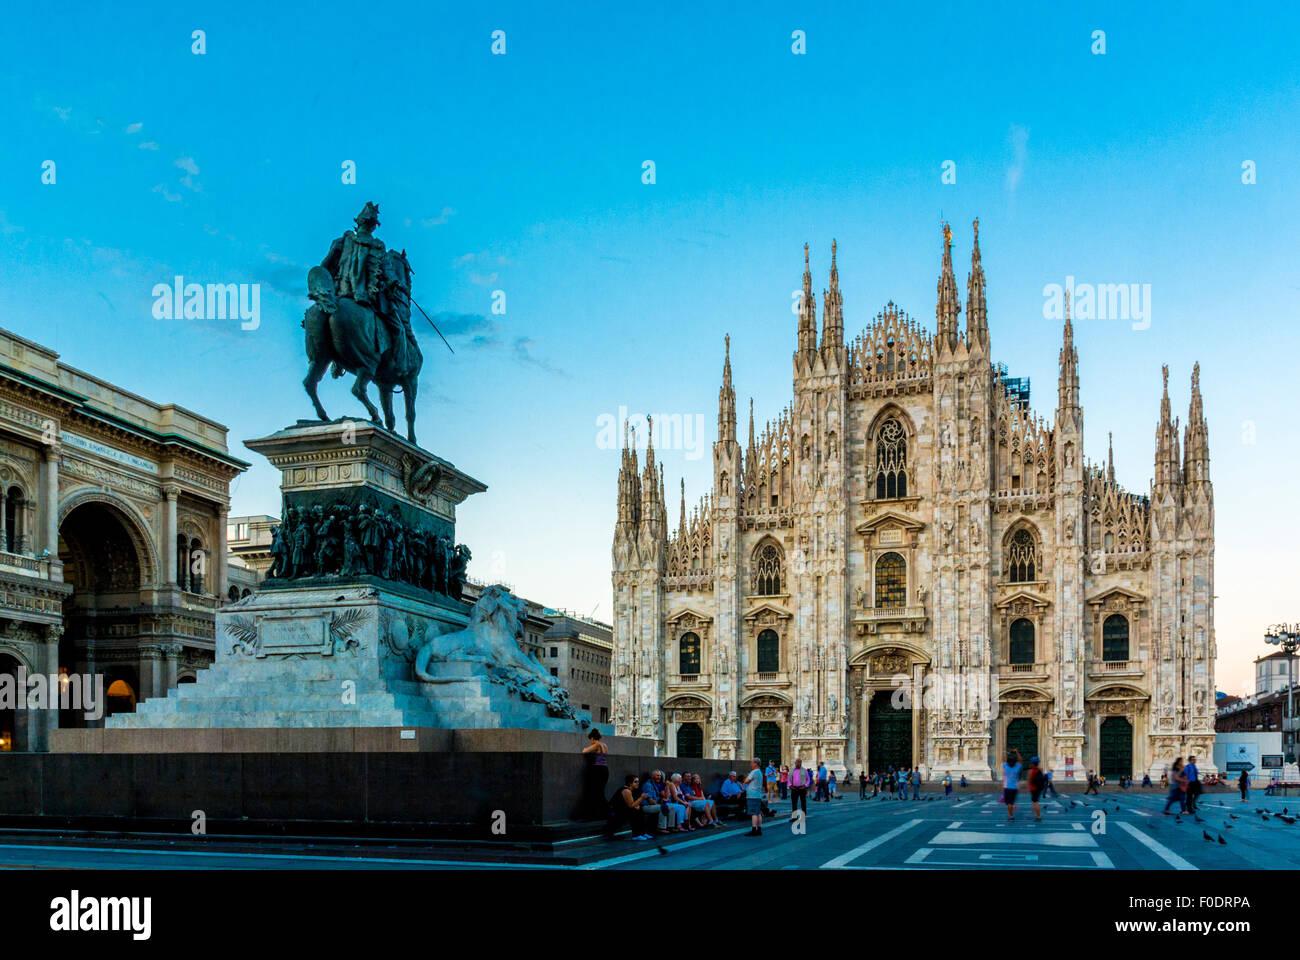 Il Duomo di Milano con la statua del Re Vittorio Emanuele II al crepuscolo. Milano, Italia Immagini Stock